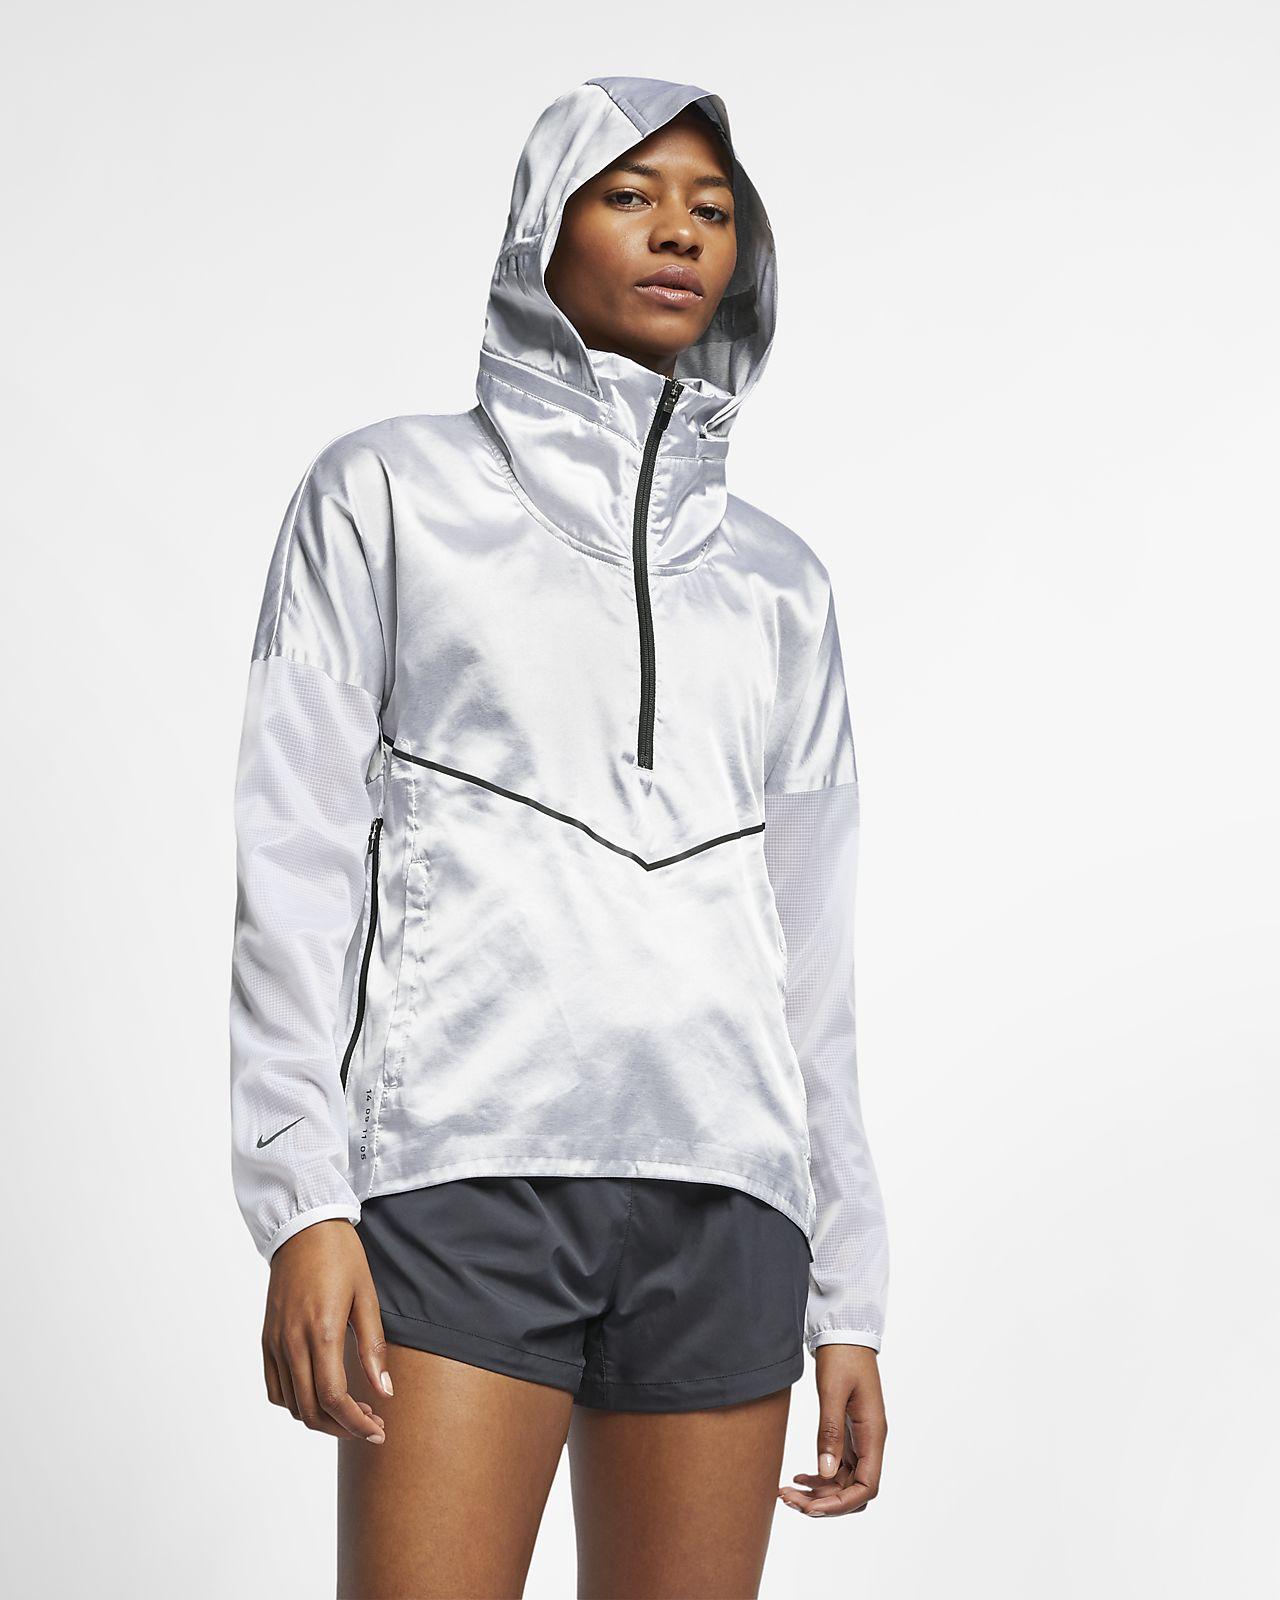 Γυναικείο τζάκετ με κουκούλα για τρέξιμο Nike